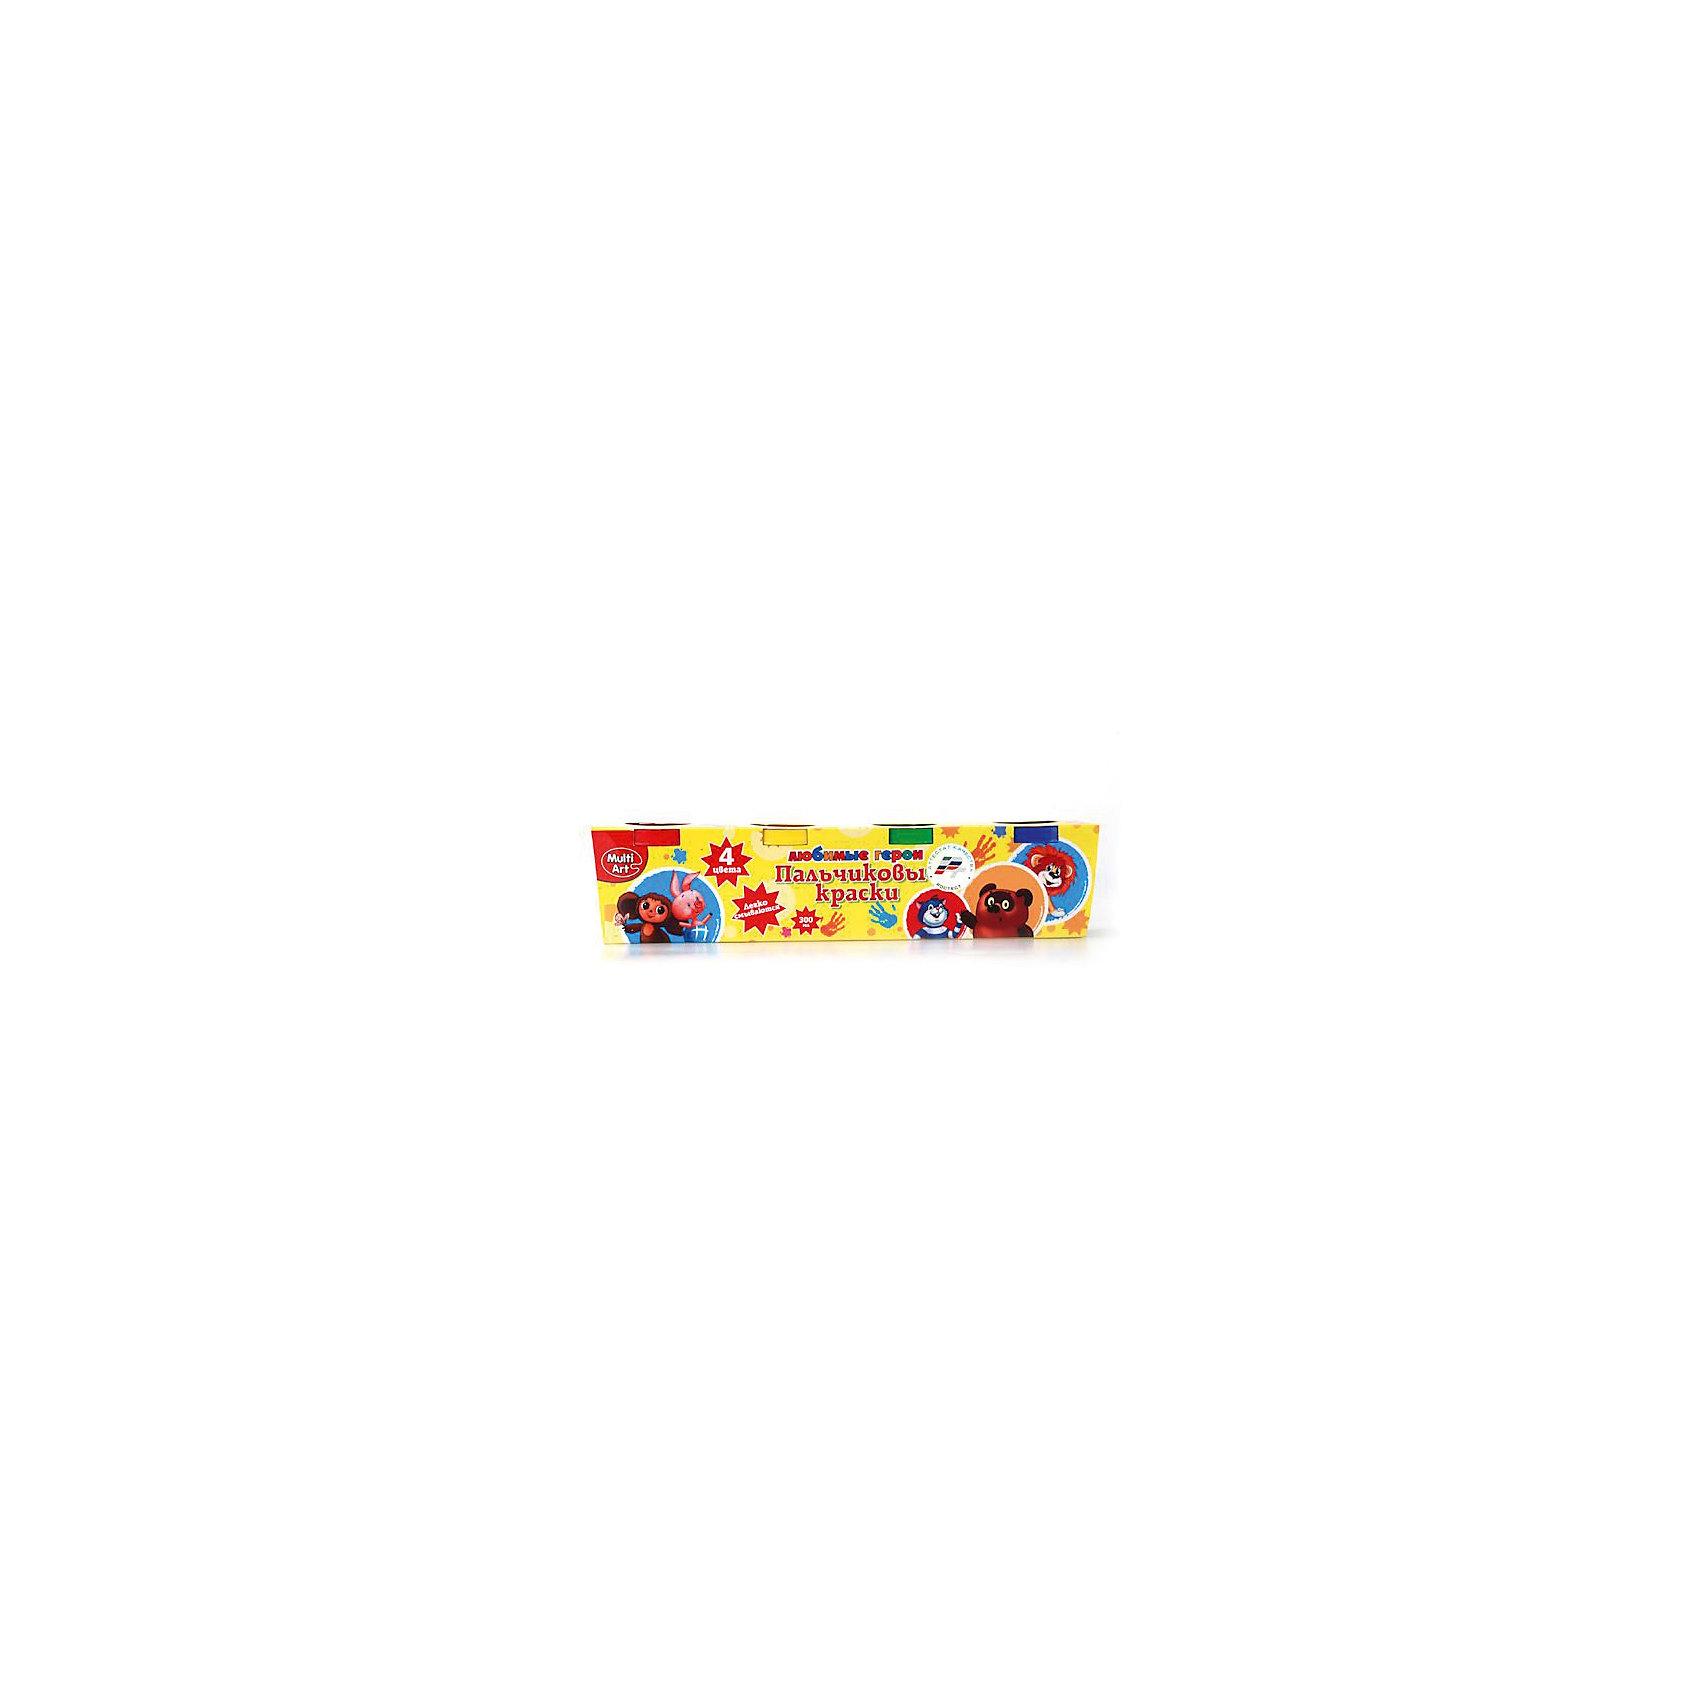 Multiart Пальчиковые краски Cоюзмультфильм пальчиковые краски 4 цвета 50 гр